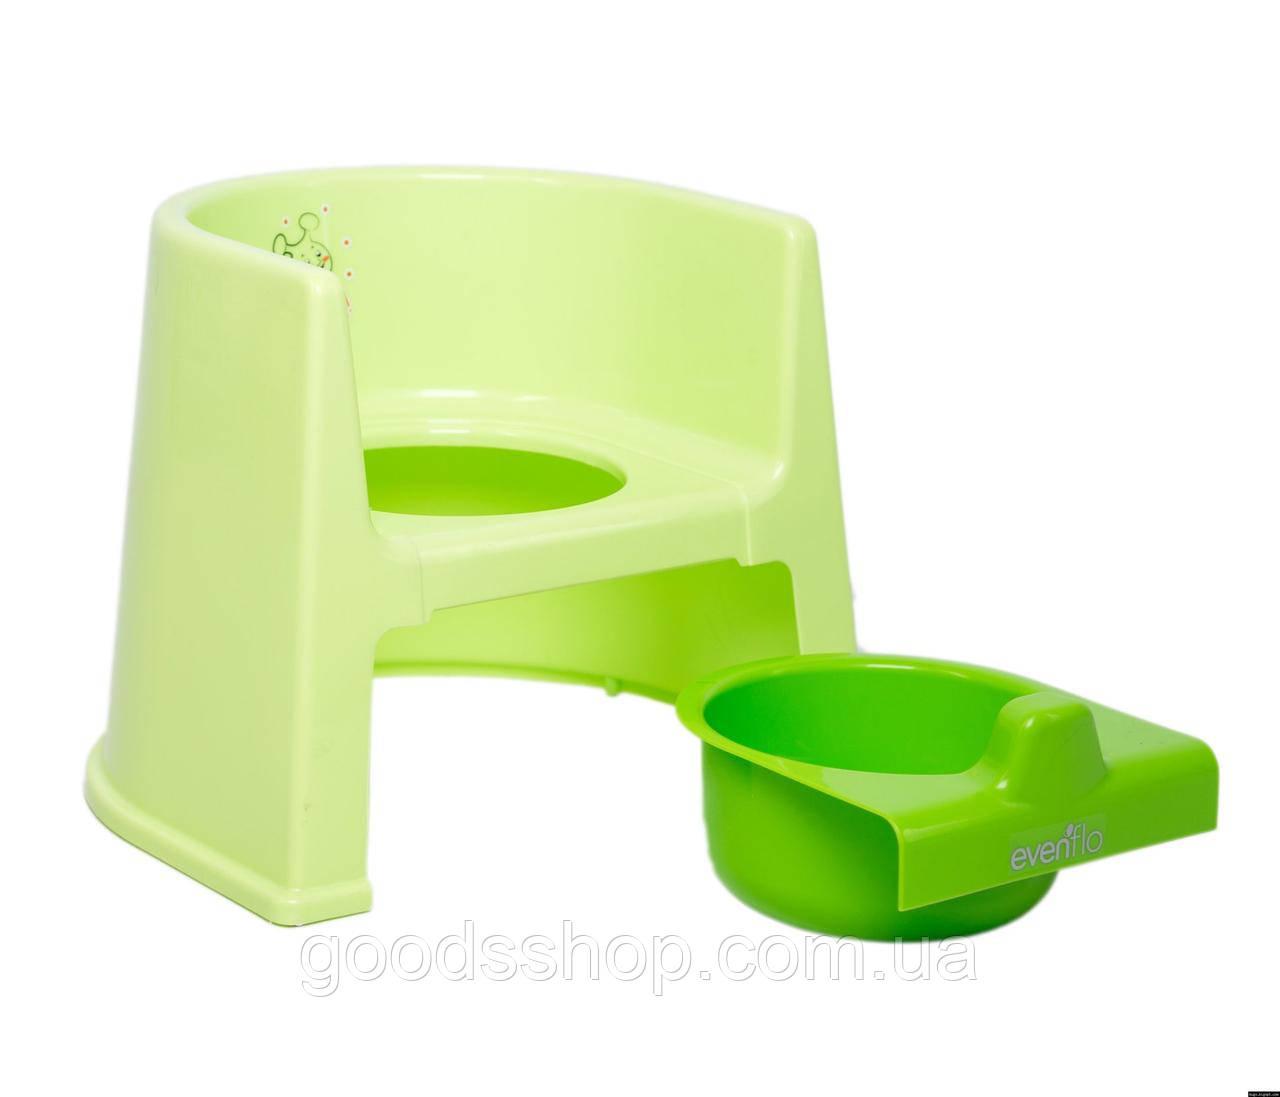 Горшок детский Evenflo® Potty - зеленый